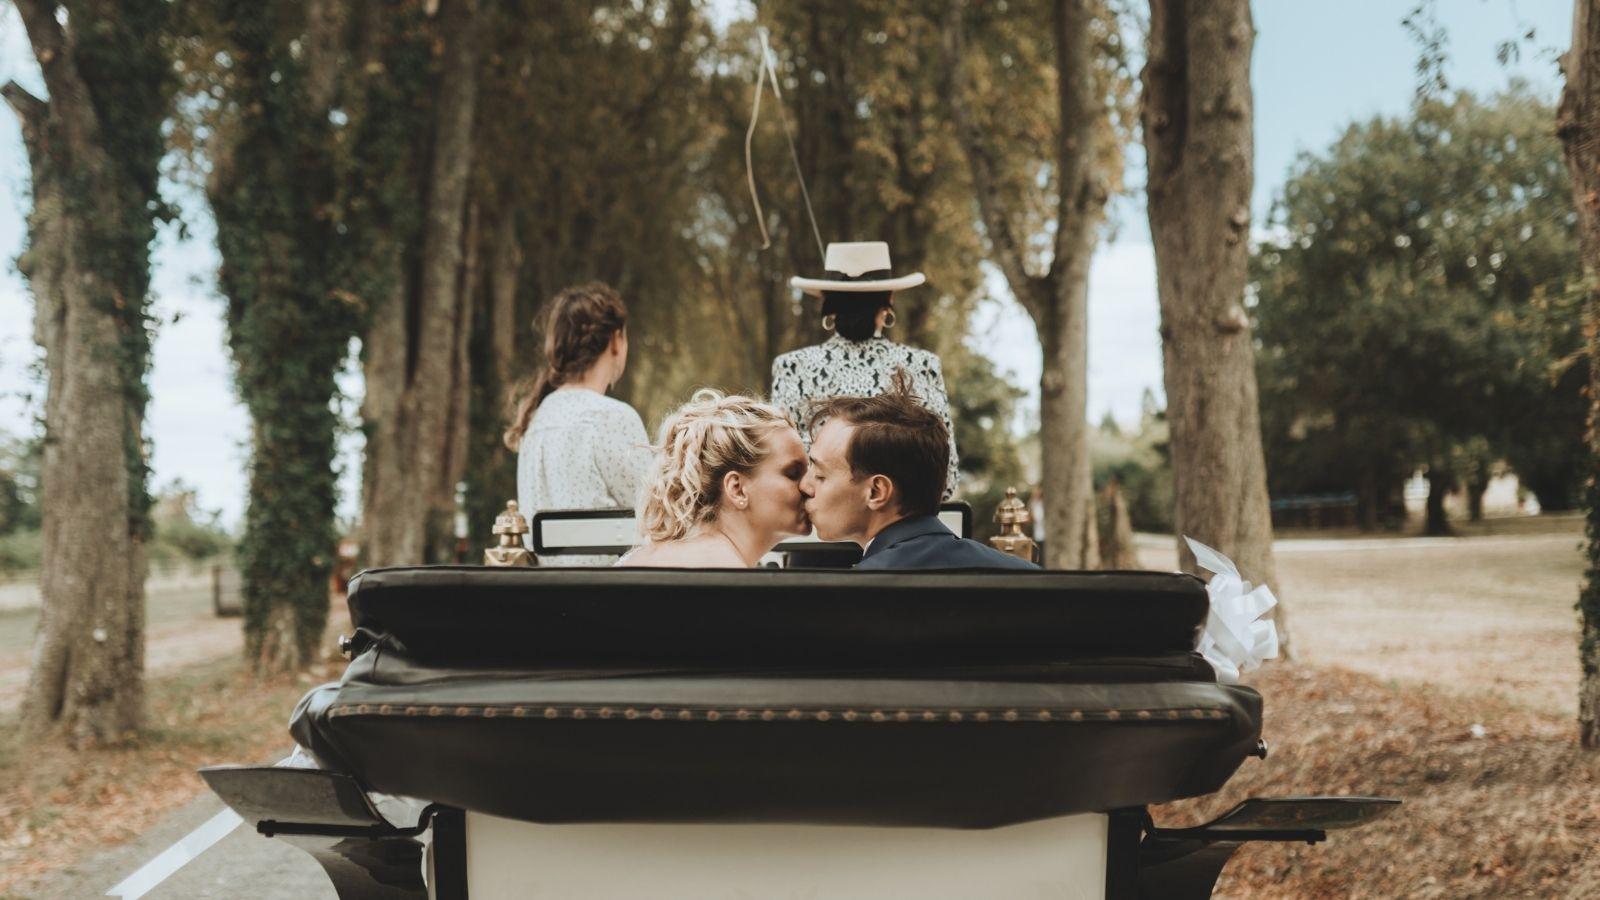 Les mariés s'embrassent dans une calèche à Rochefort